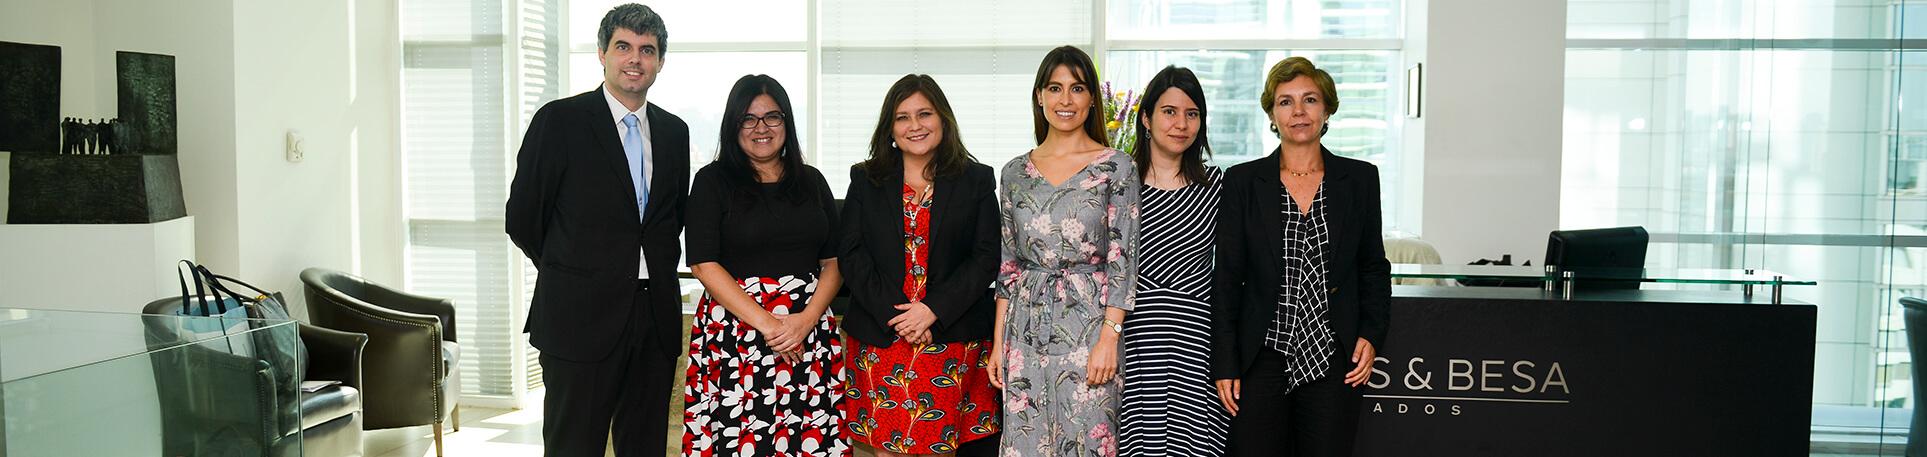 Morales & Besa realizó exitoso encuentro para debatir sobre Políticas Públicas en Diversidad de Género: Presente y Futuro